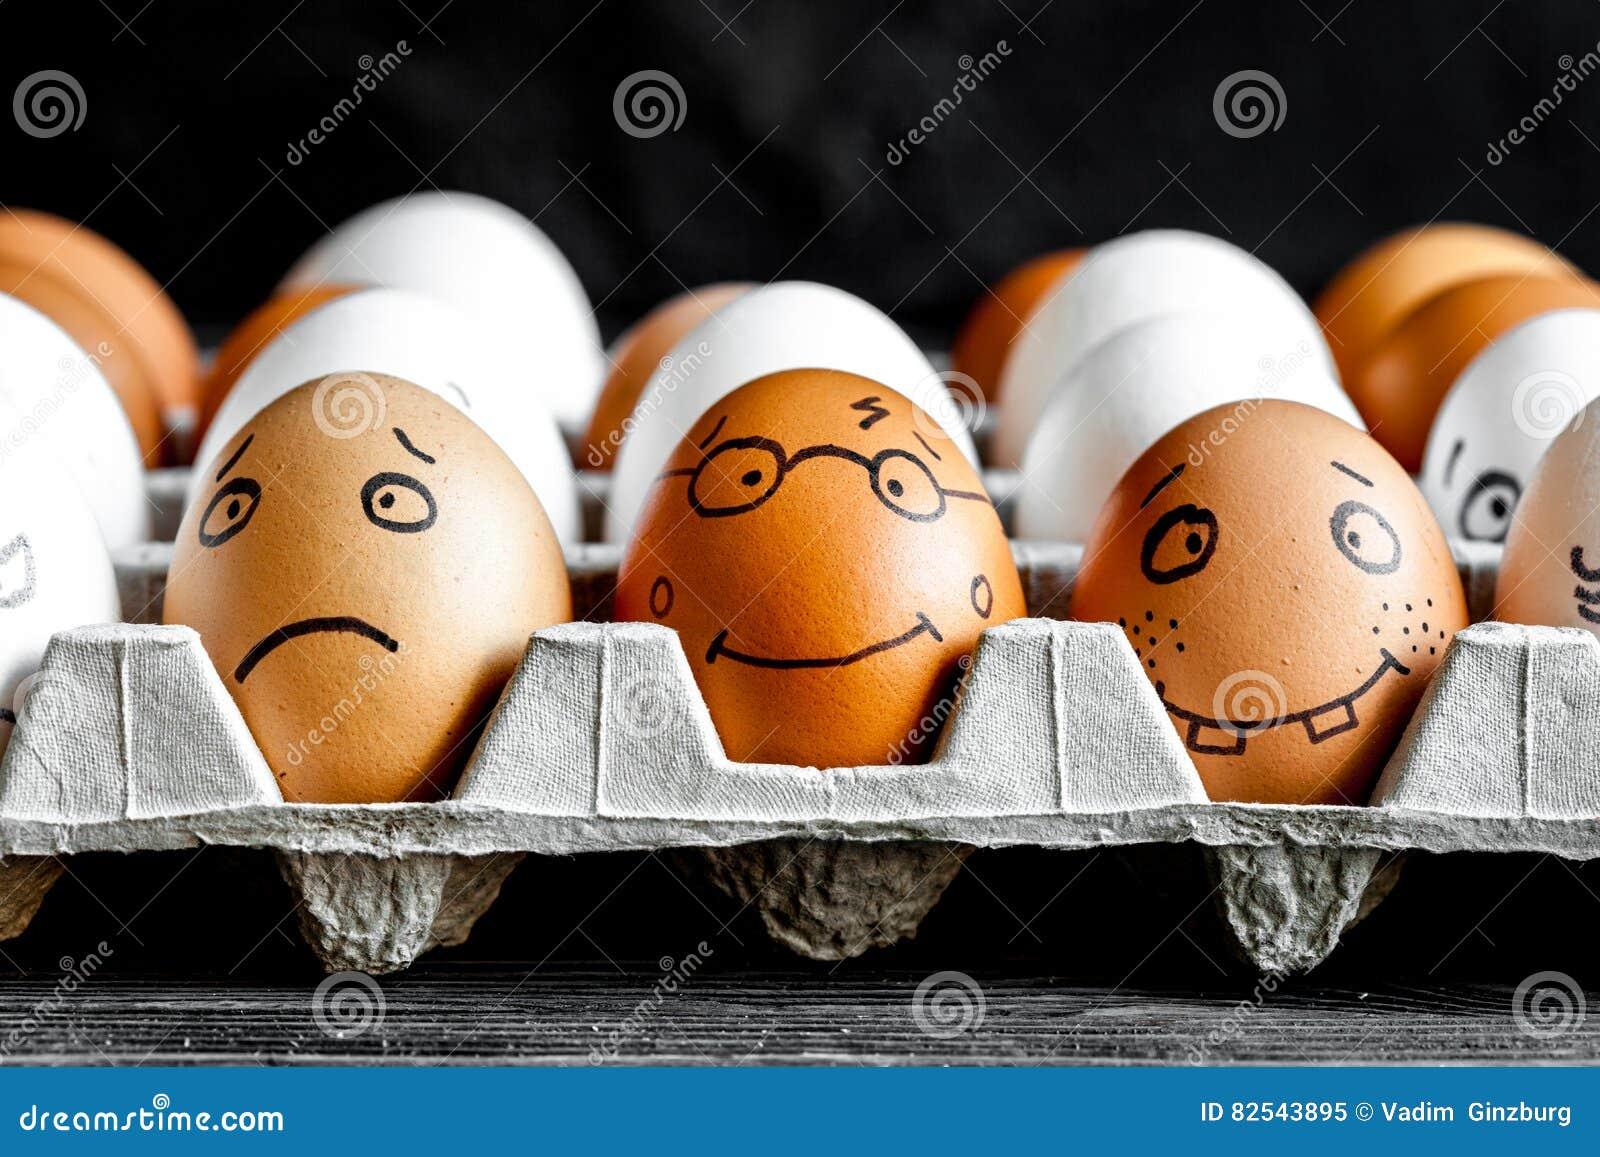 Comunicación y emociones sociales de las redes del concepto - los huevos sonríen